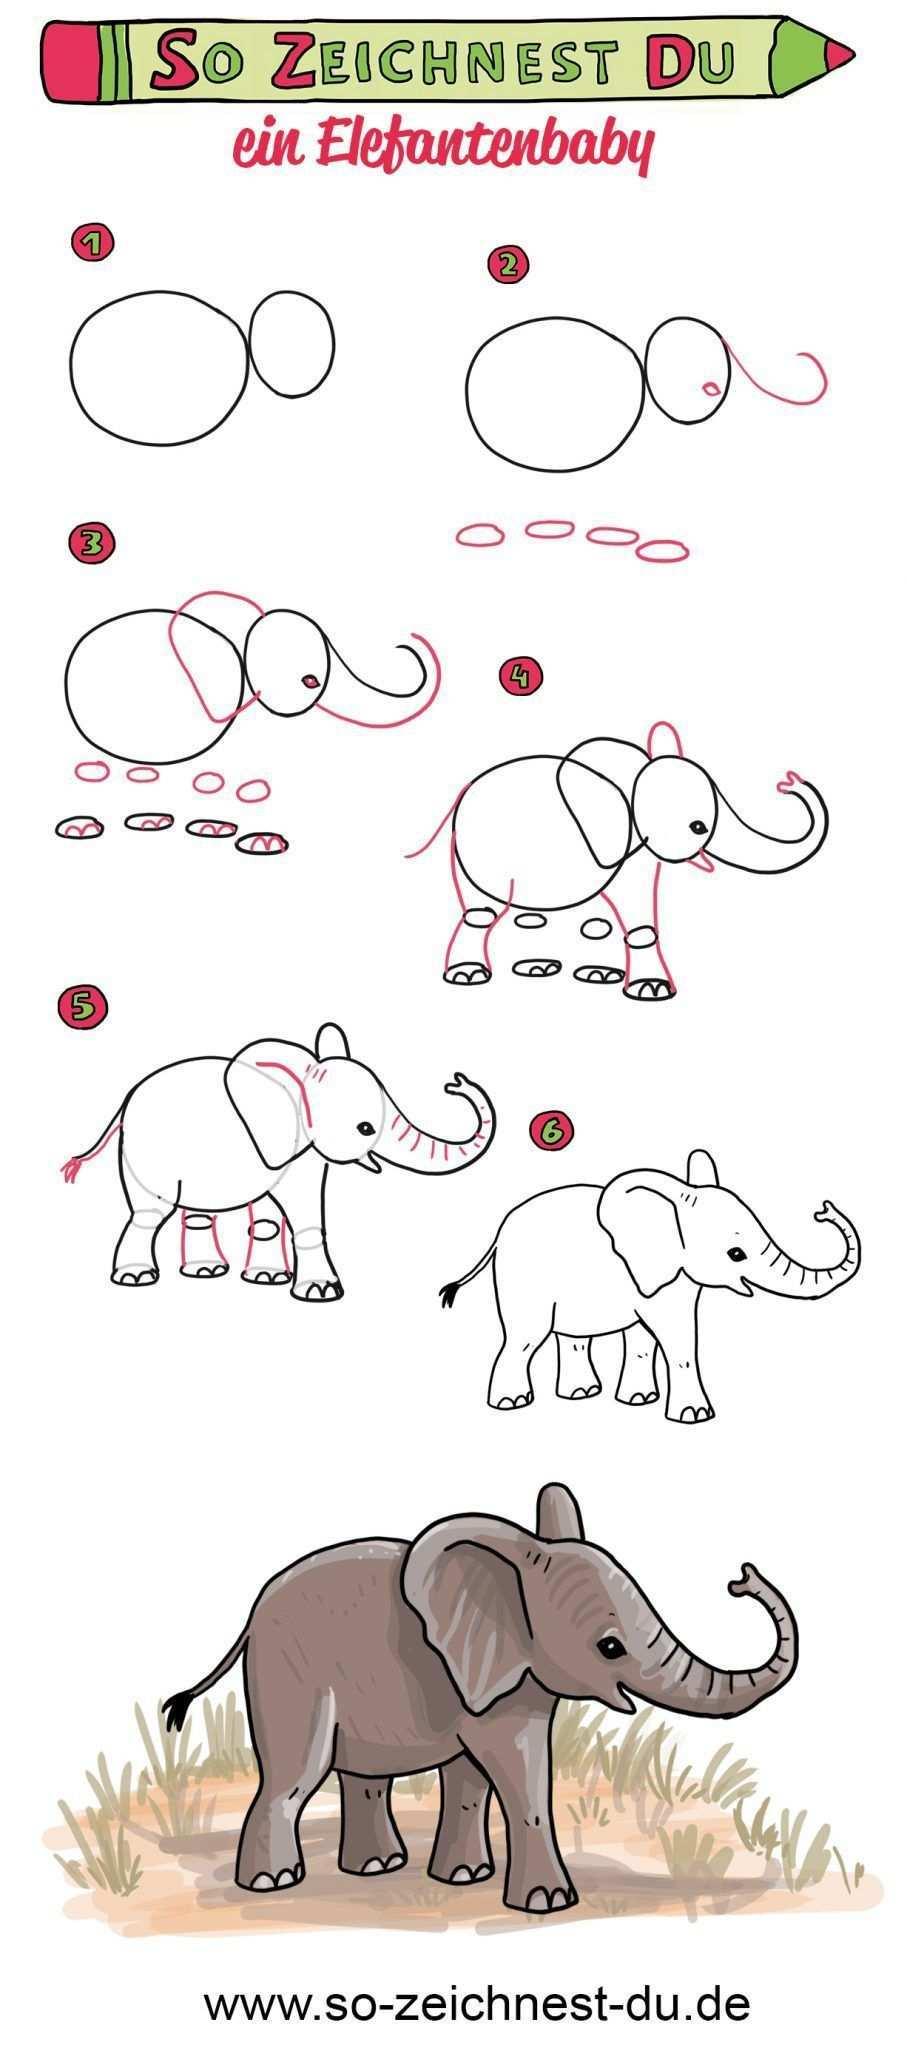 So Zeichnest Du Ein Elefantenbaby Elefant Zeichnen Lernen Lerne Wie Du In Wenigen Schritten Ein Susses Elef In 2020 Elephant Drawing Animal Caricature Easy Drawings